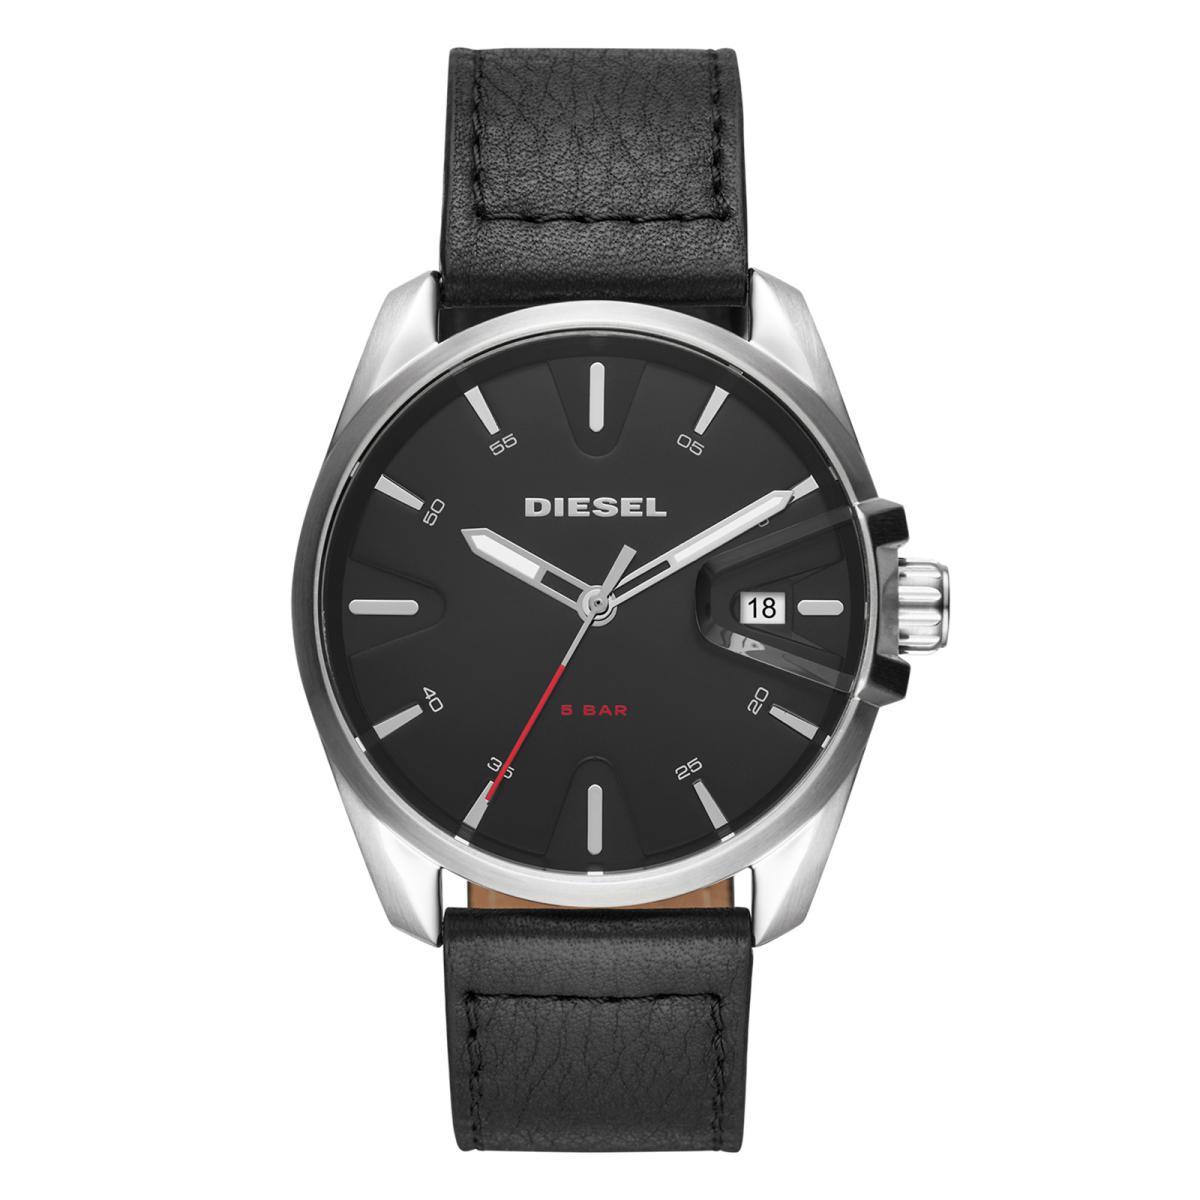 a23e7a9c7344 Reloj Diesel - DZ1862 - Hombre - Time Square